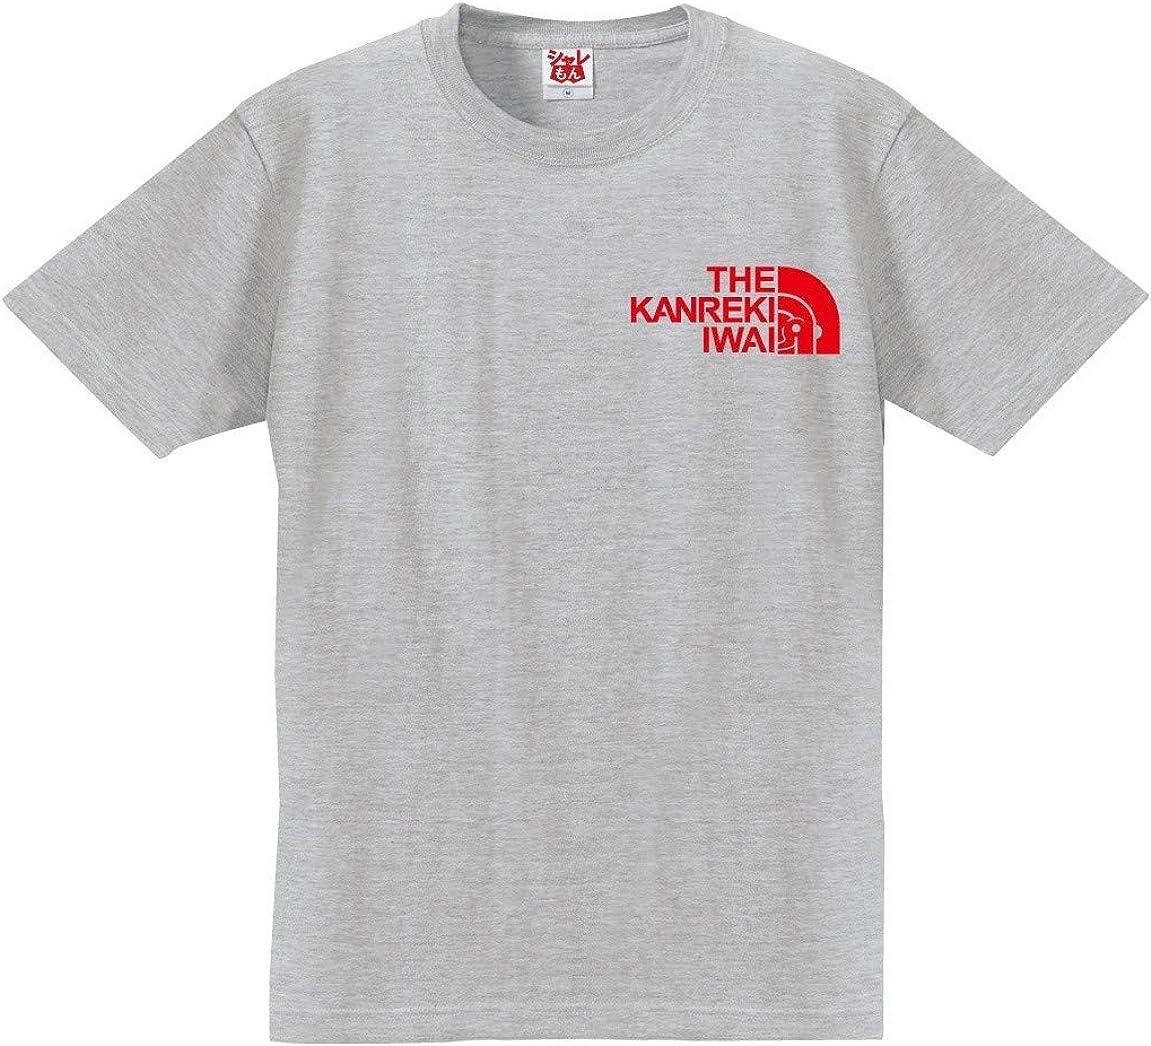 シャレもん 還暦祝い 還暦 祝い 人気 お祝い Tシャツ 【 還暦フェイス 選べる8カラー】